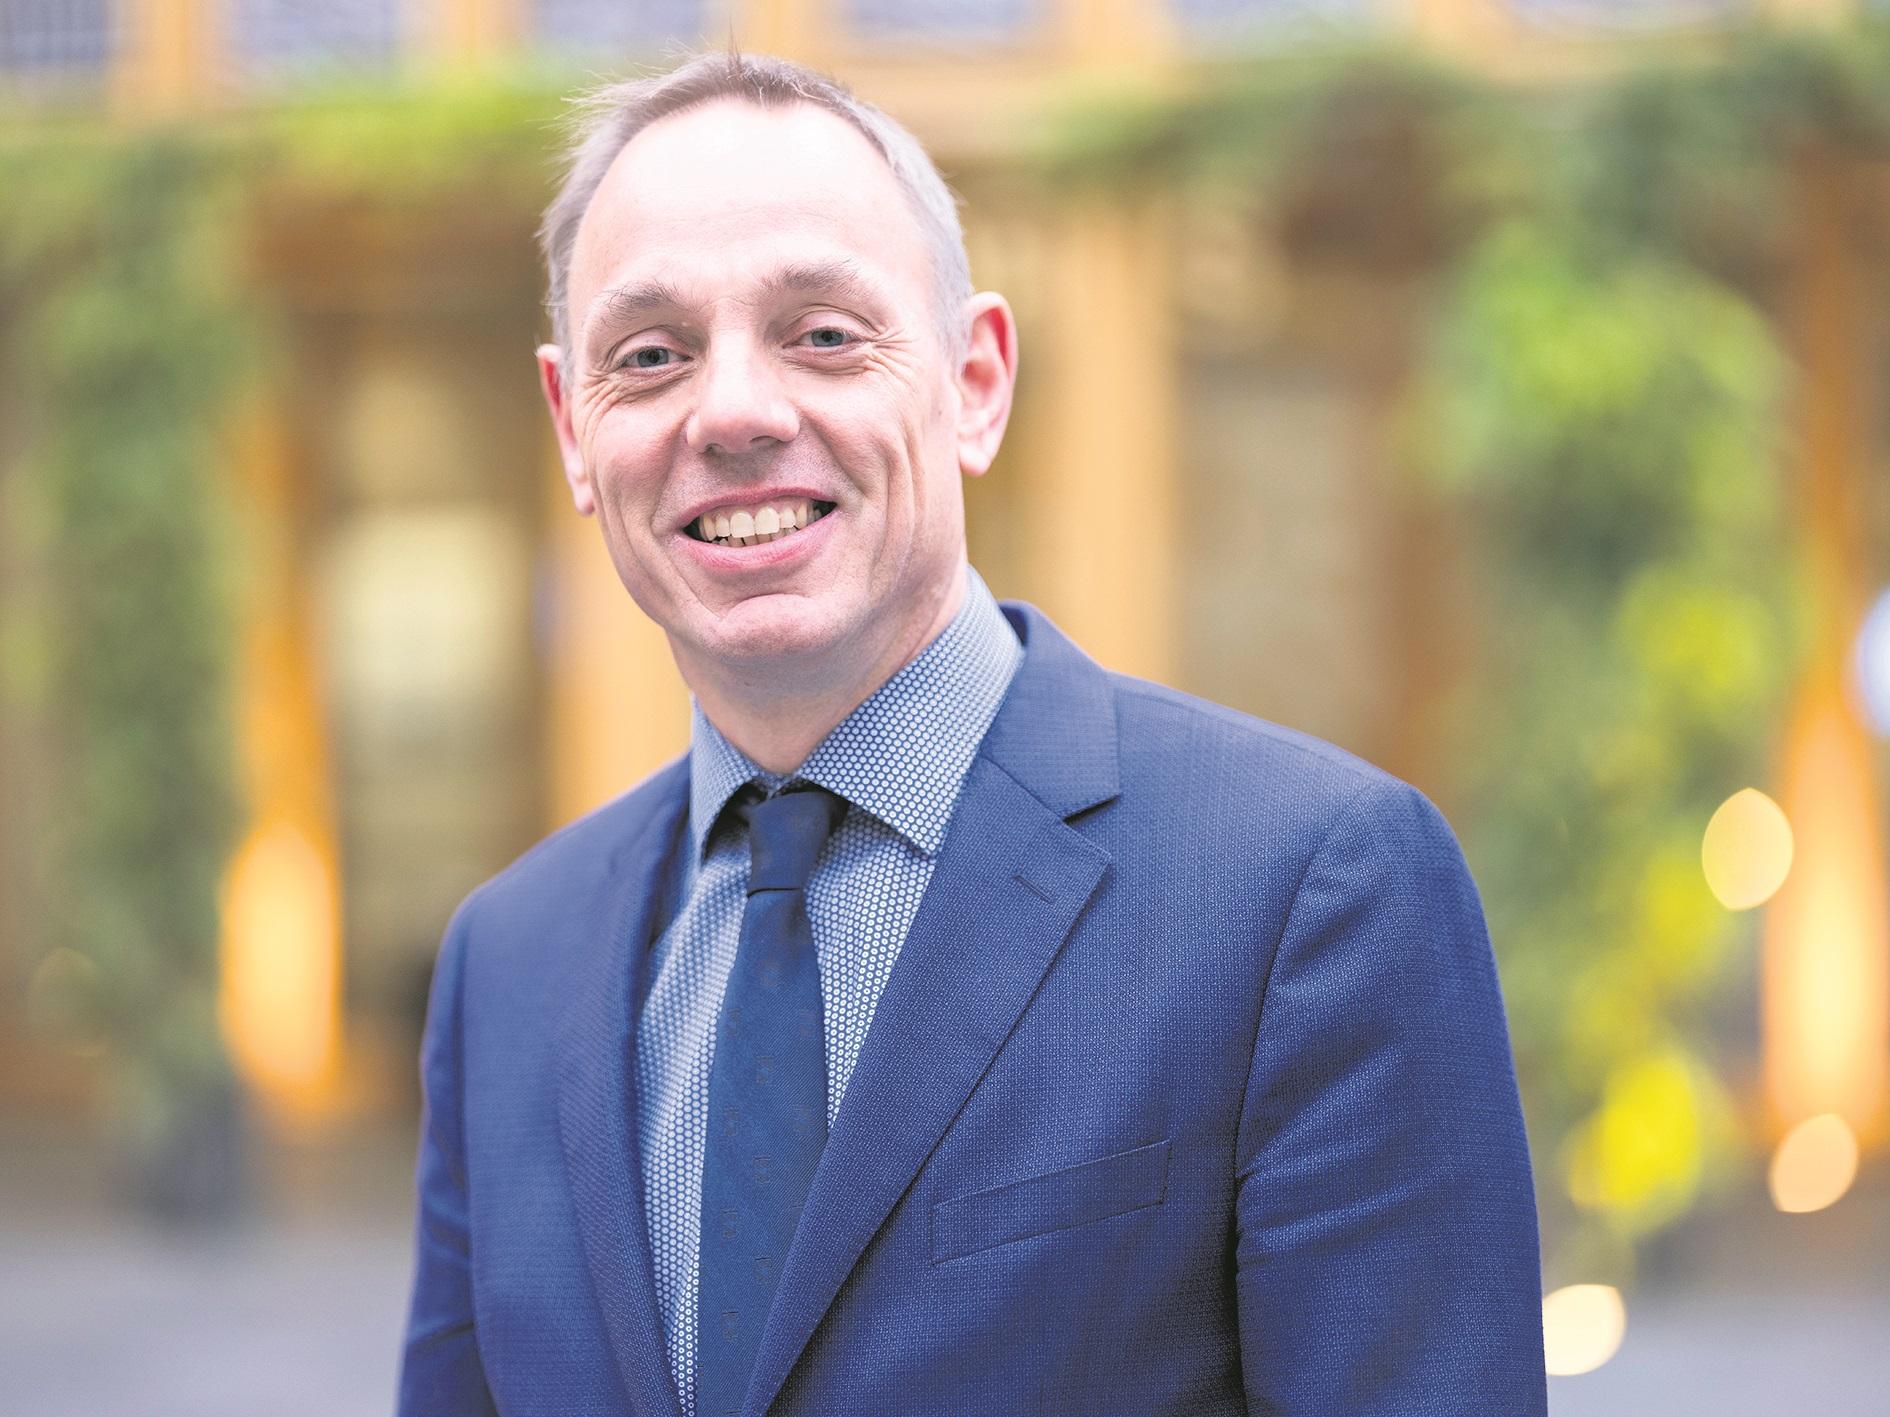 Burgemeesters stappen boordevol ideeën het nieuwe jaar 2021 in